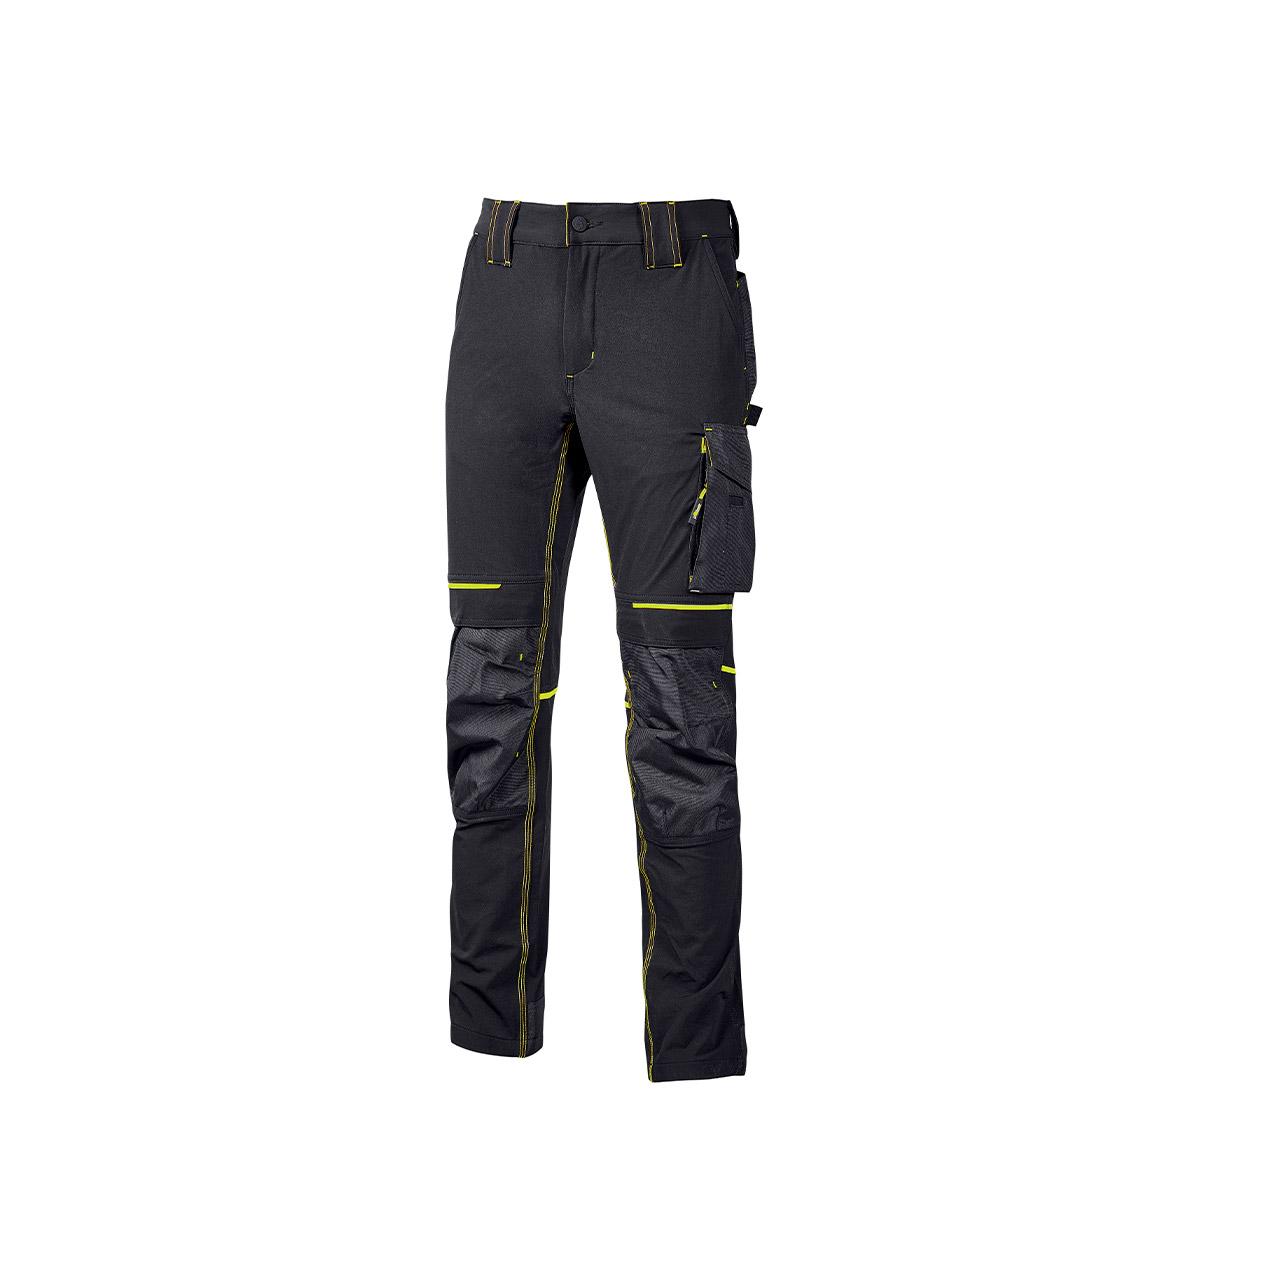 pantalone da lavoro upower modello atom colore black carbon prodotto